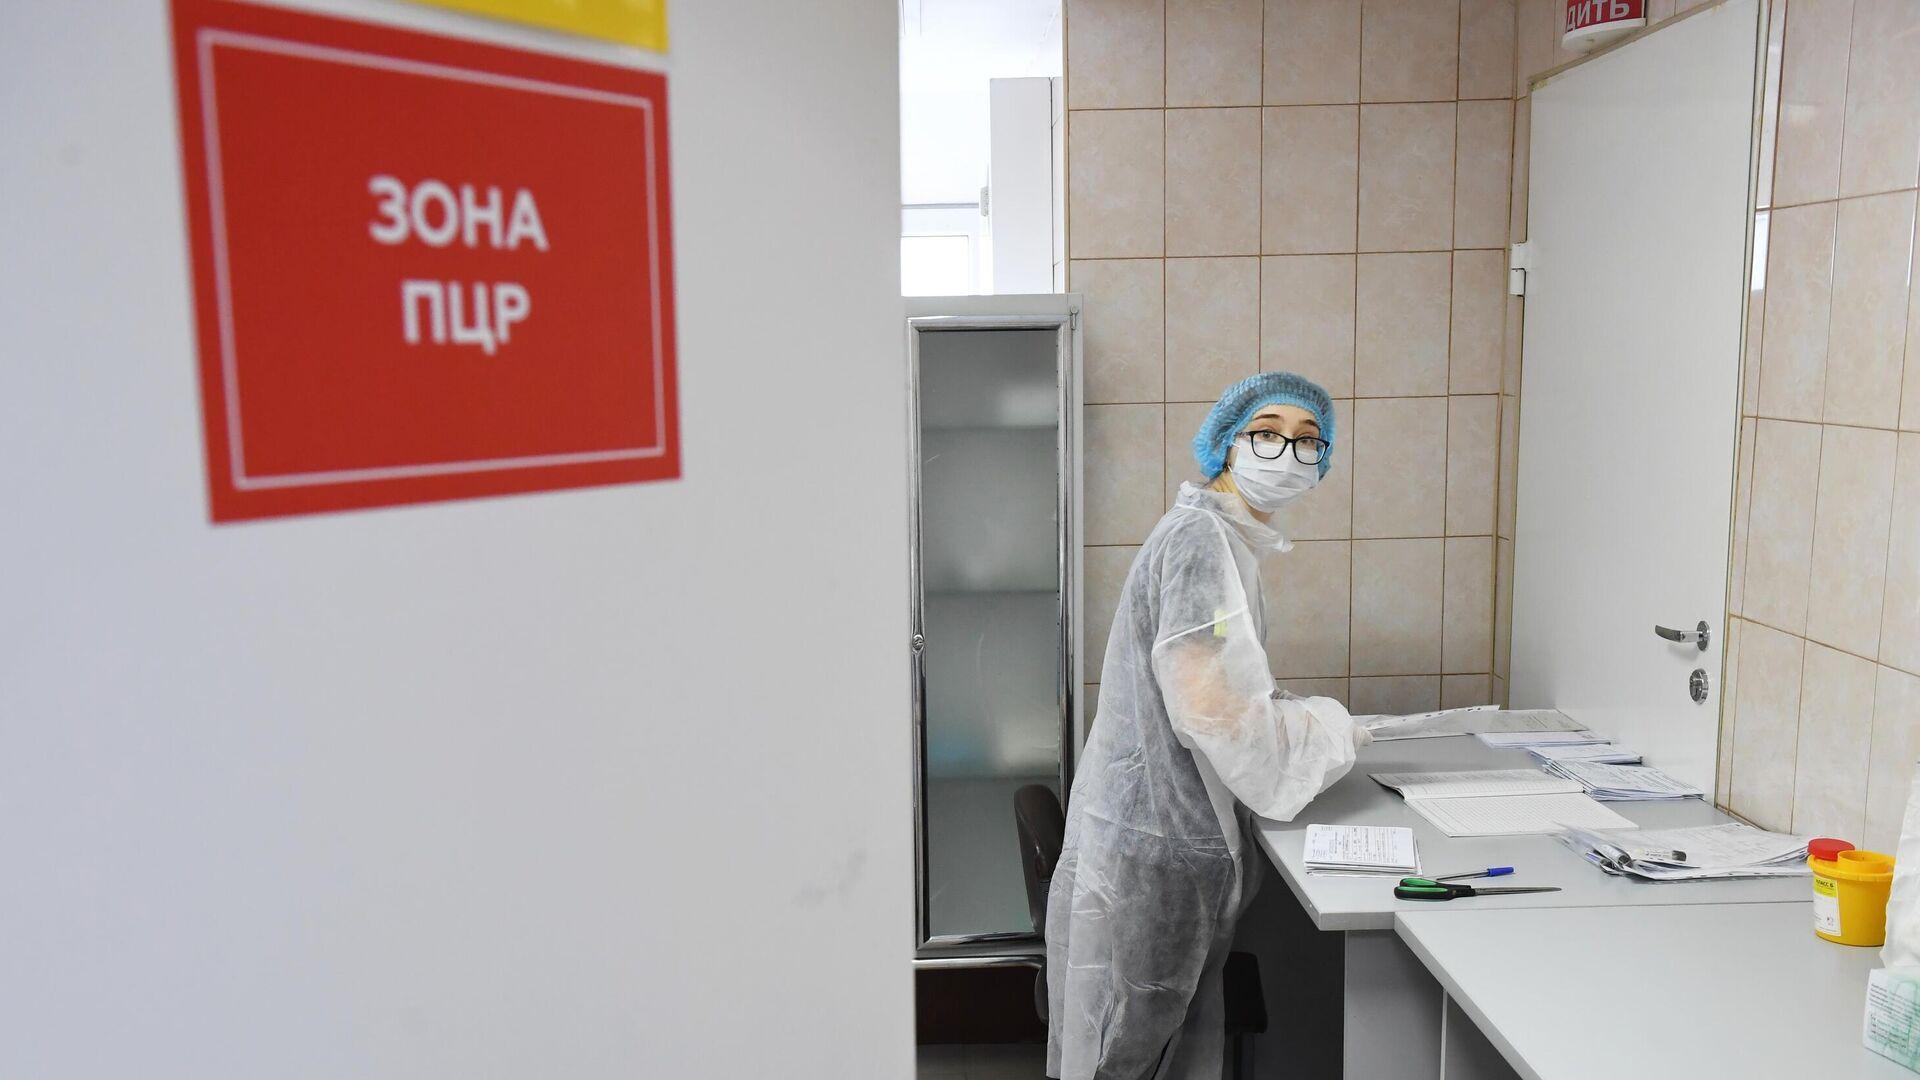 Медицинский работник в ПЦР зоне в больнице - РИА Новости, 1920, 22.07.2021